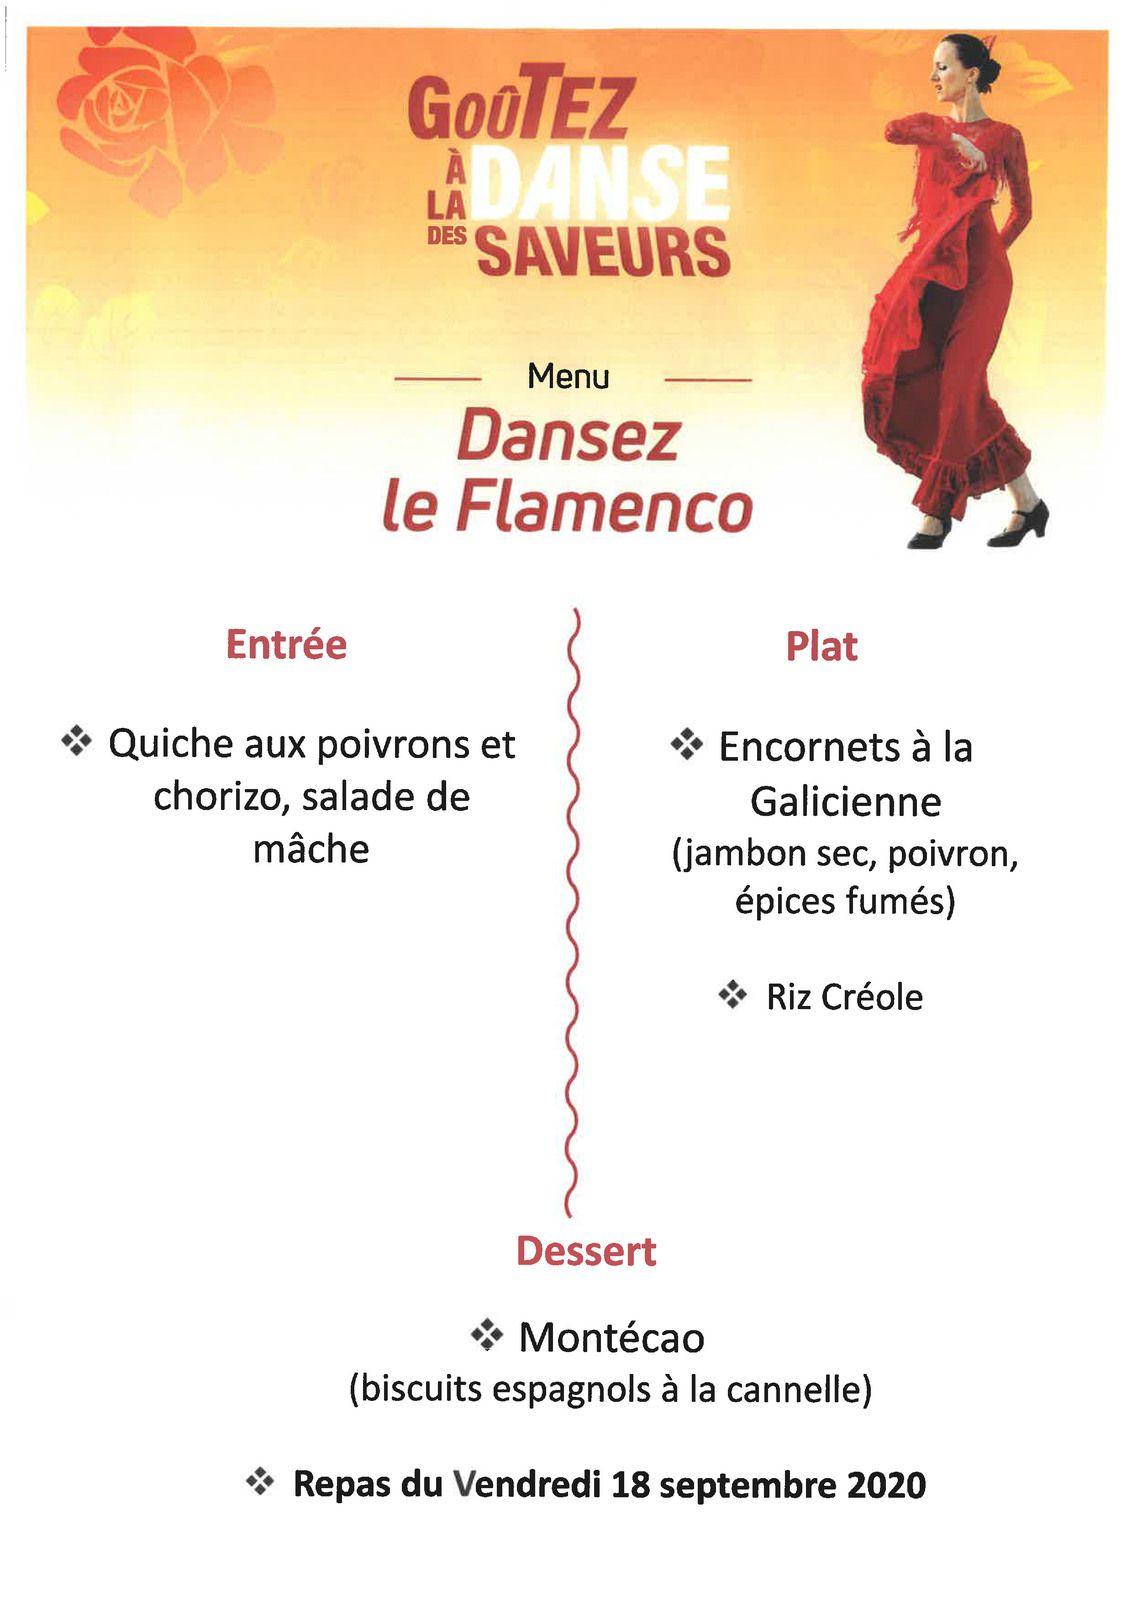 """Repas à thème """"Menu Dansez le Flamenco"""", le vendredi 18 septembre 2020"""